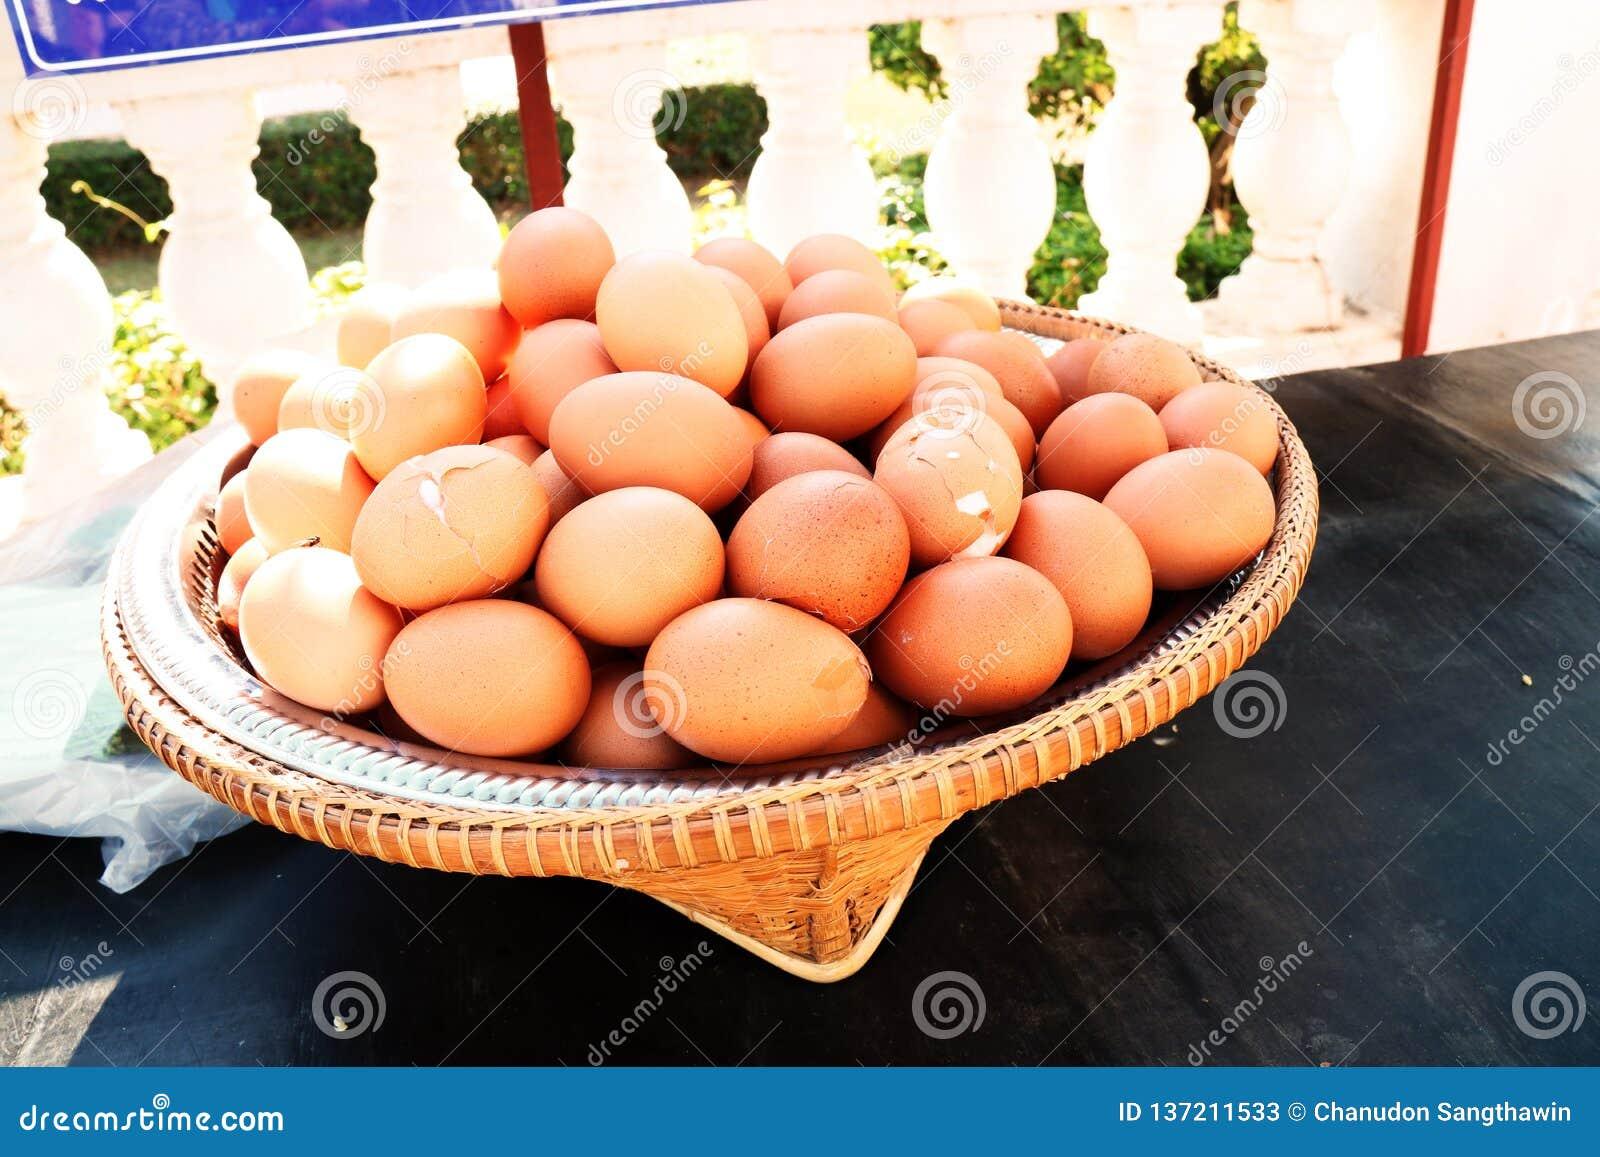 Υπάρχουν πολλά αυγά στο καλάθι